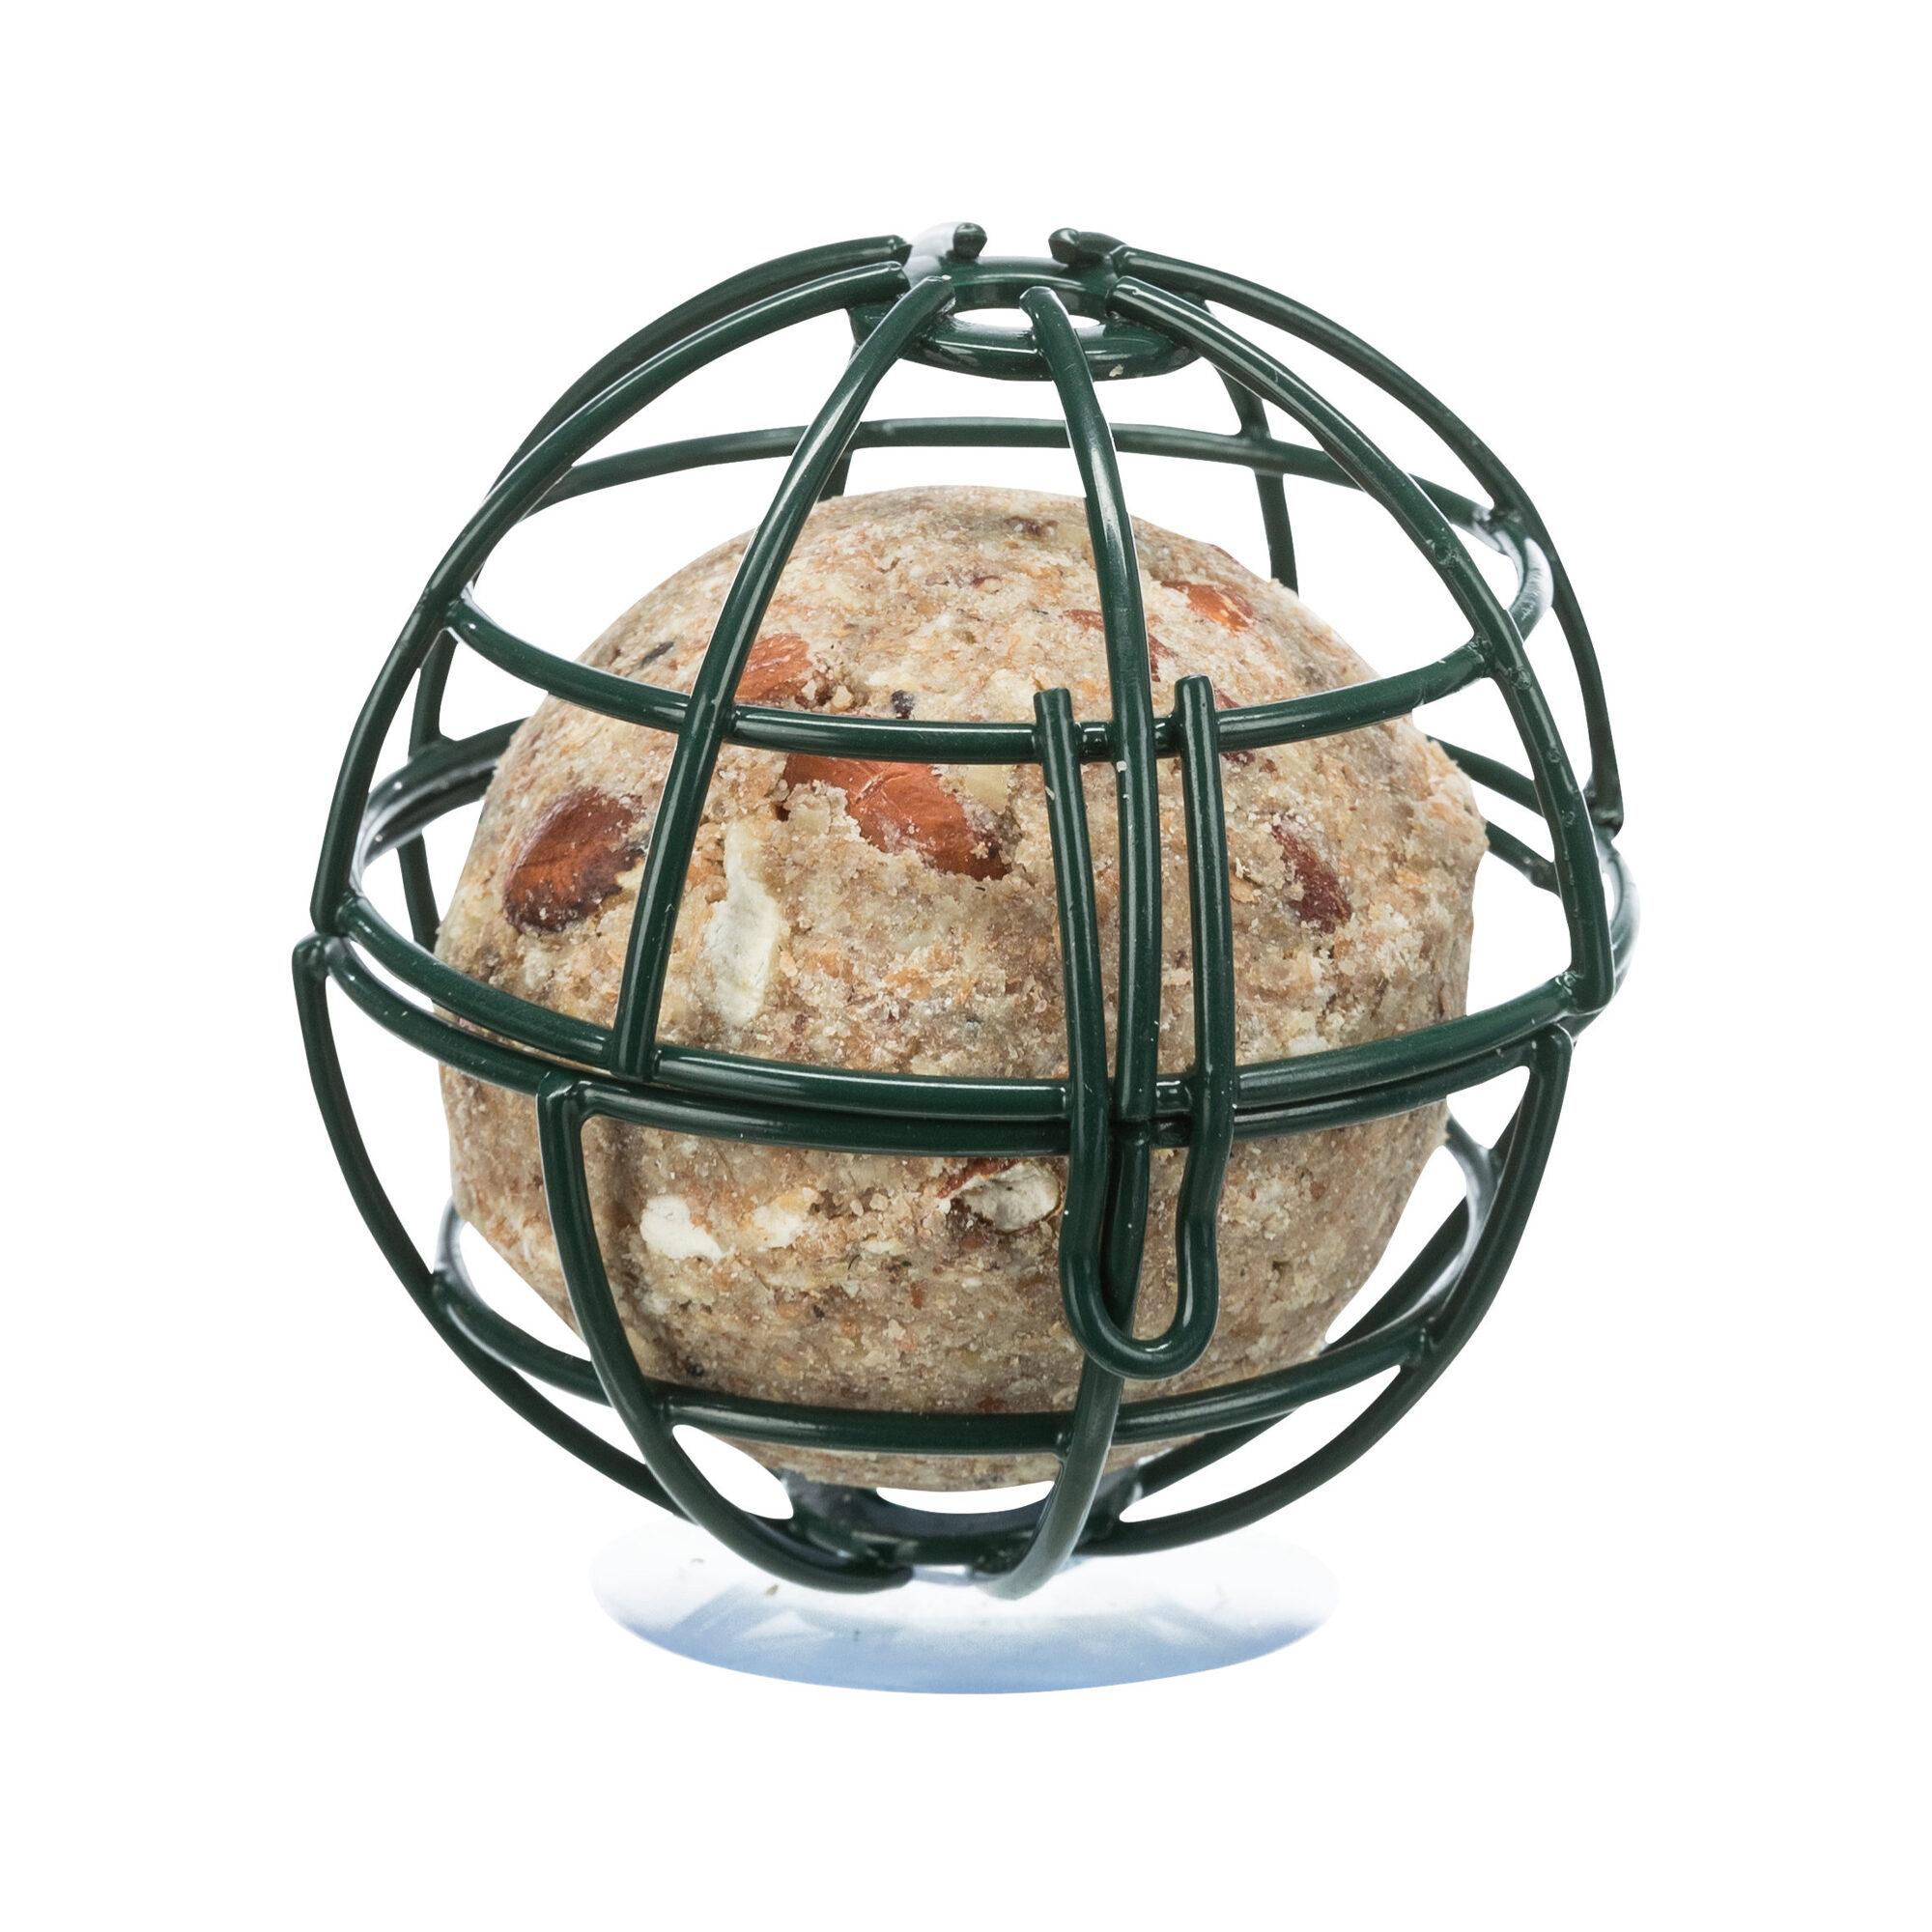 Trixie Mangeoire à boules de graisse pour fenêtre